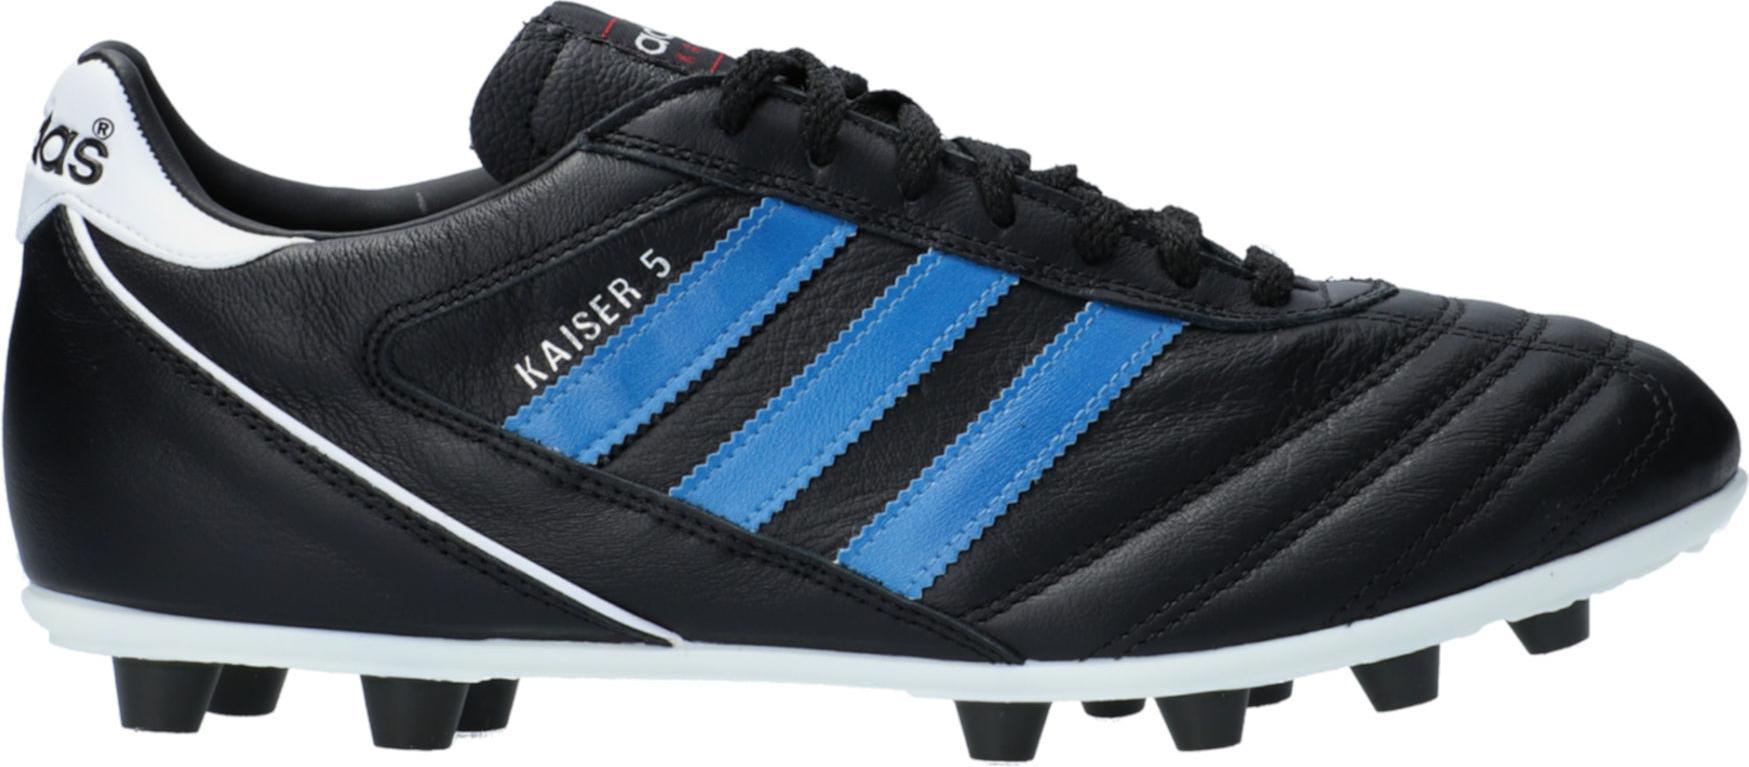 Kopačky adidas  Kaiser 5 Liga FG Blue Stripes Schwarz černá